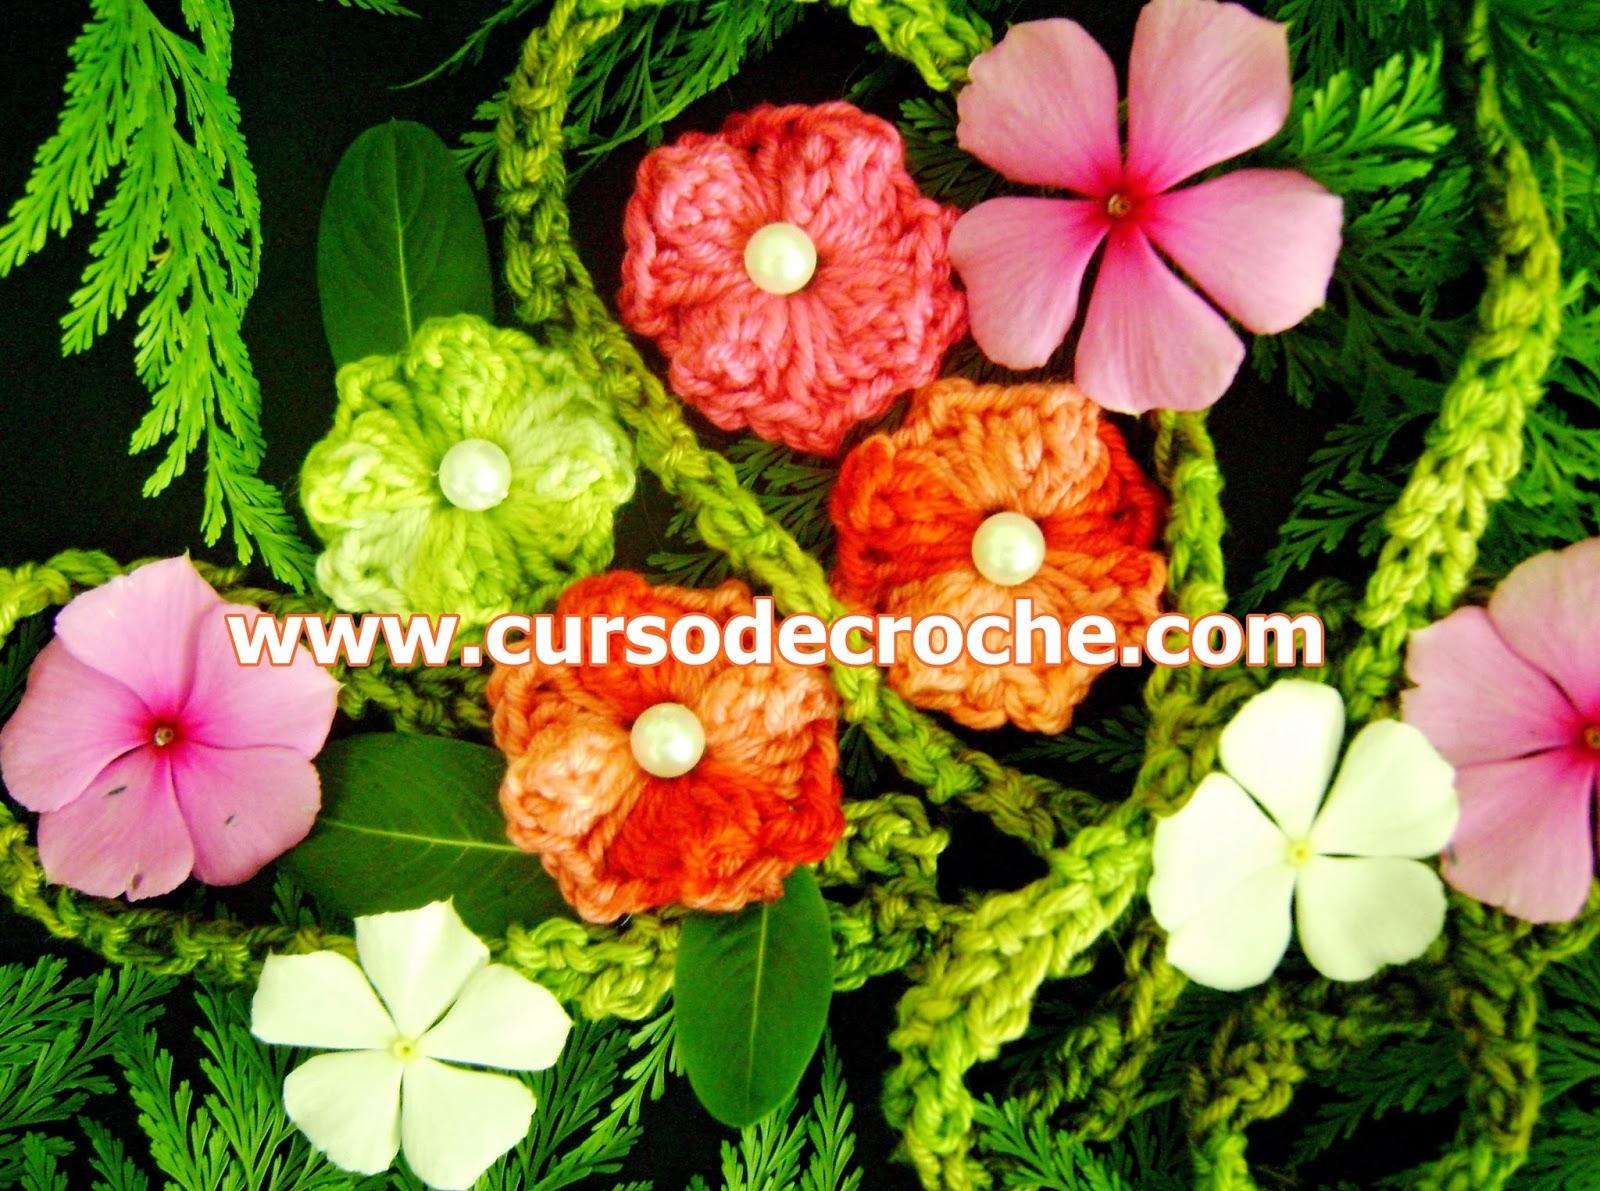 flores em croche dvd 5 volumes com edinir-na na loja curso de croche com frete gratis